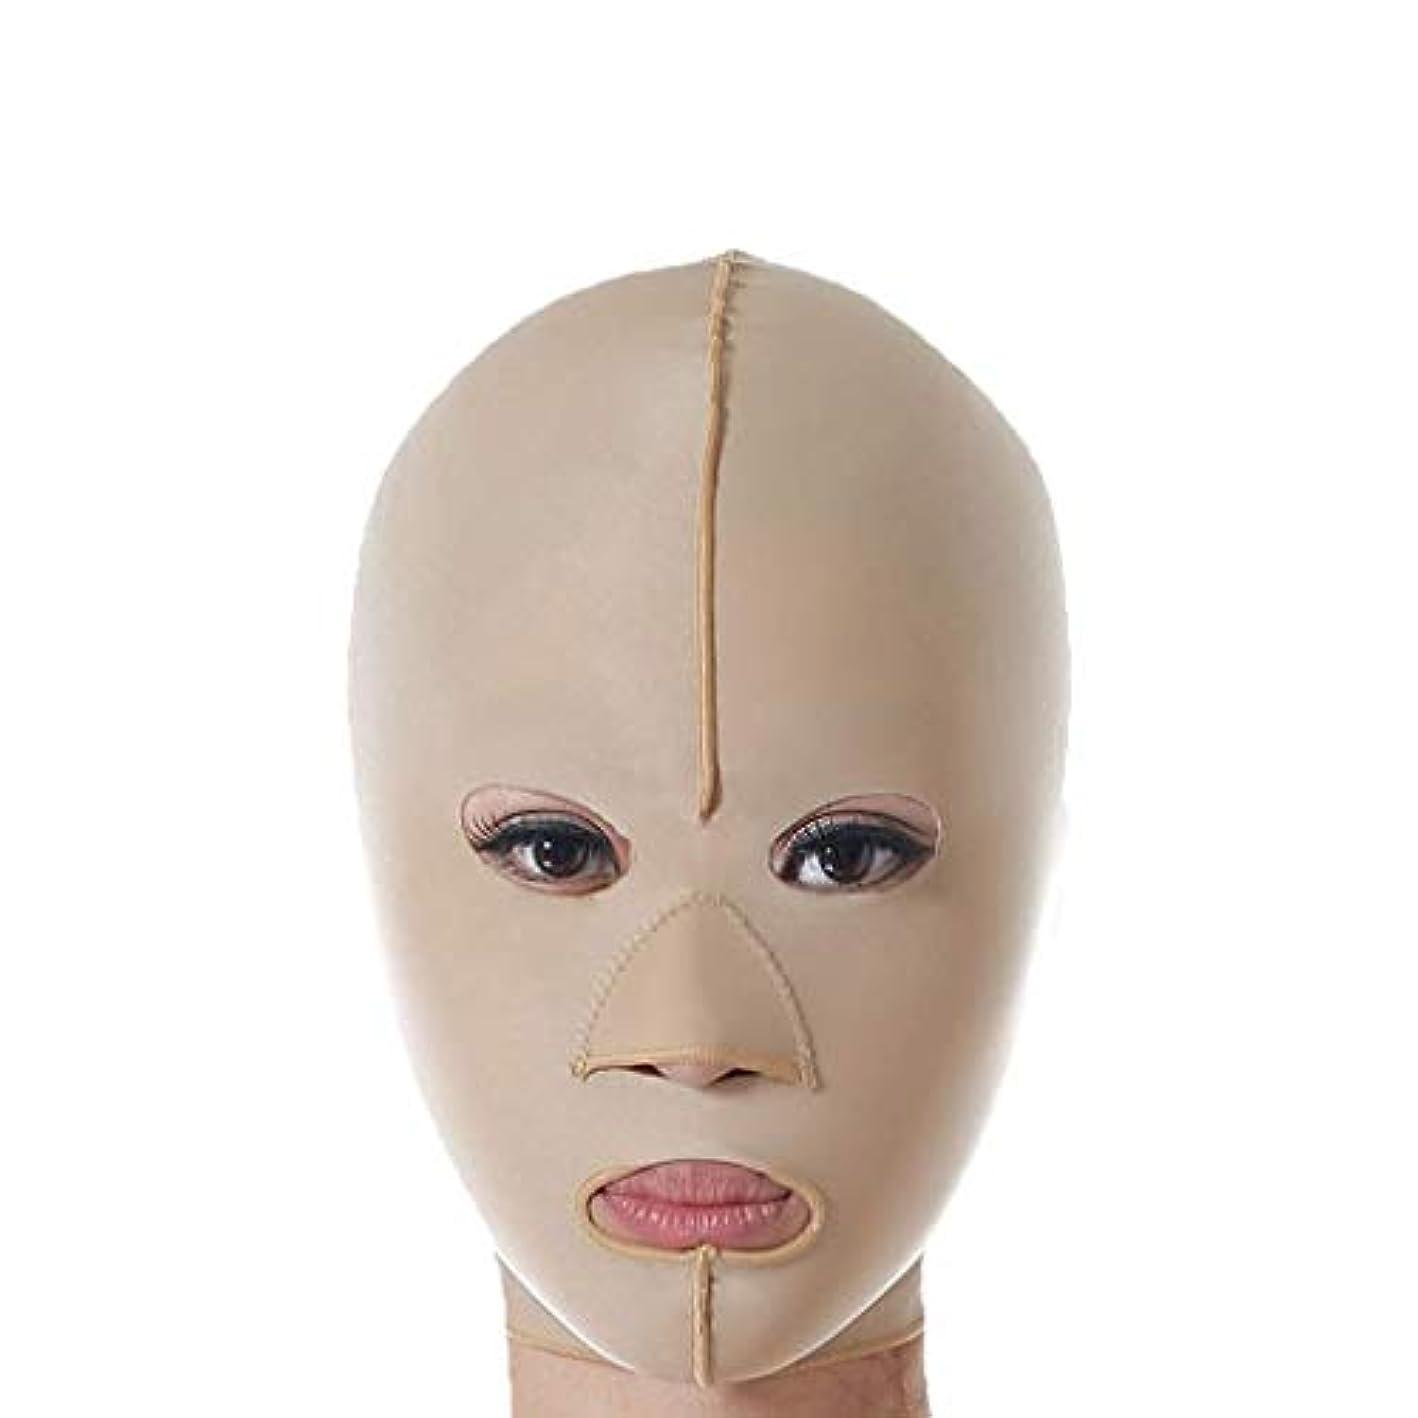 減量フェイスマスク、リフティング包帯、スリムフェイスリフトリフティングベルト、フェイシャル減量リフティング包帯、リフティングファーミング包帯(サイズ:XL),ザ?